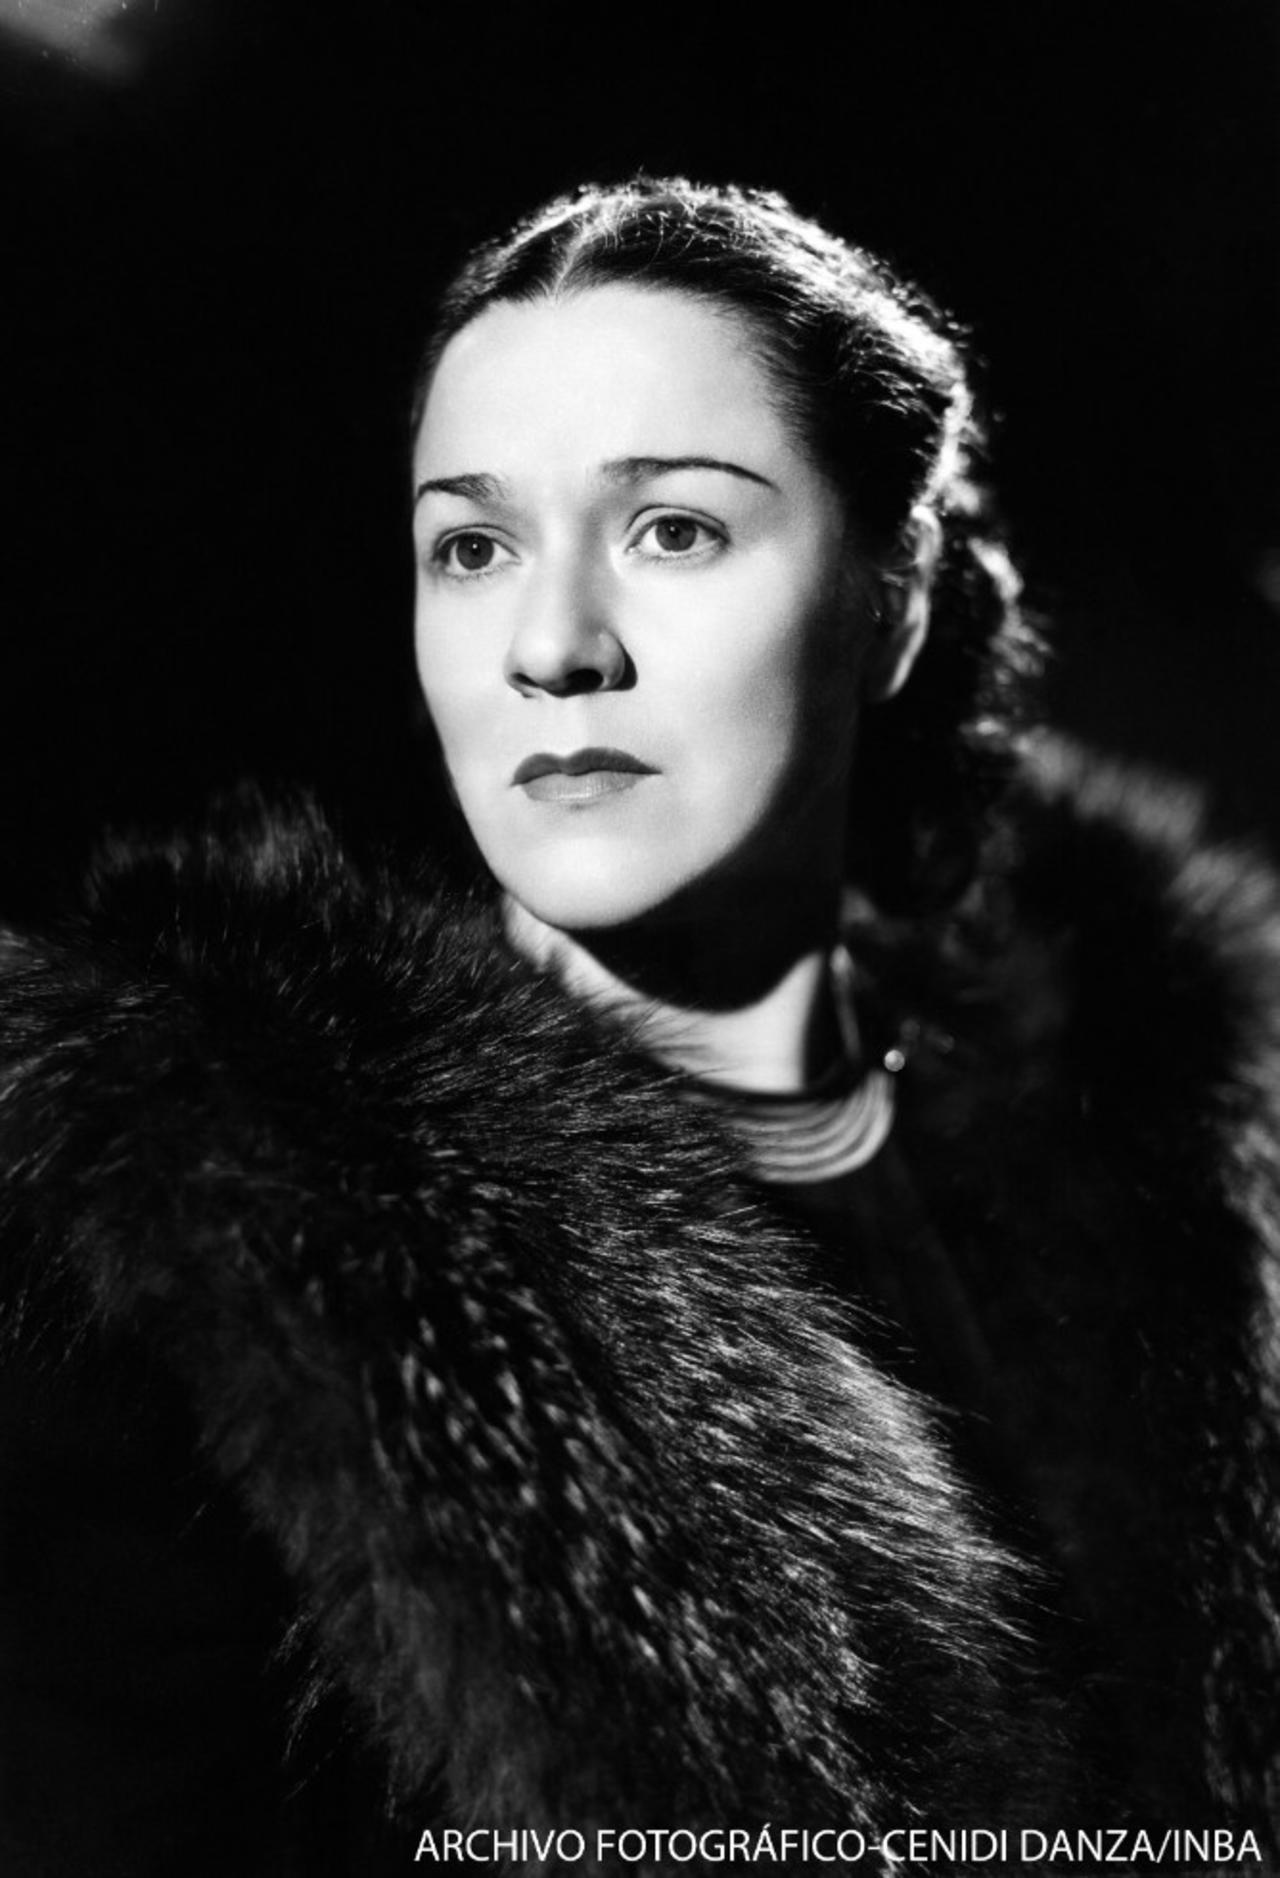 El legado de Nellie Campobello